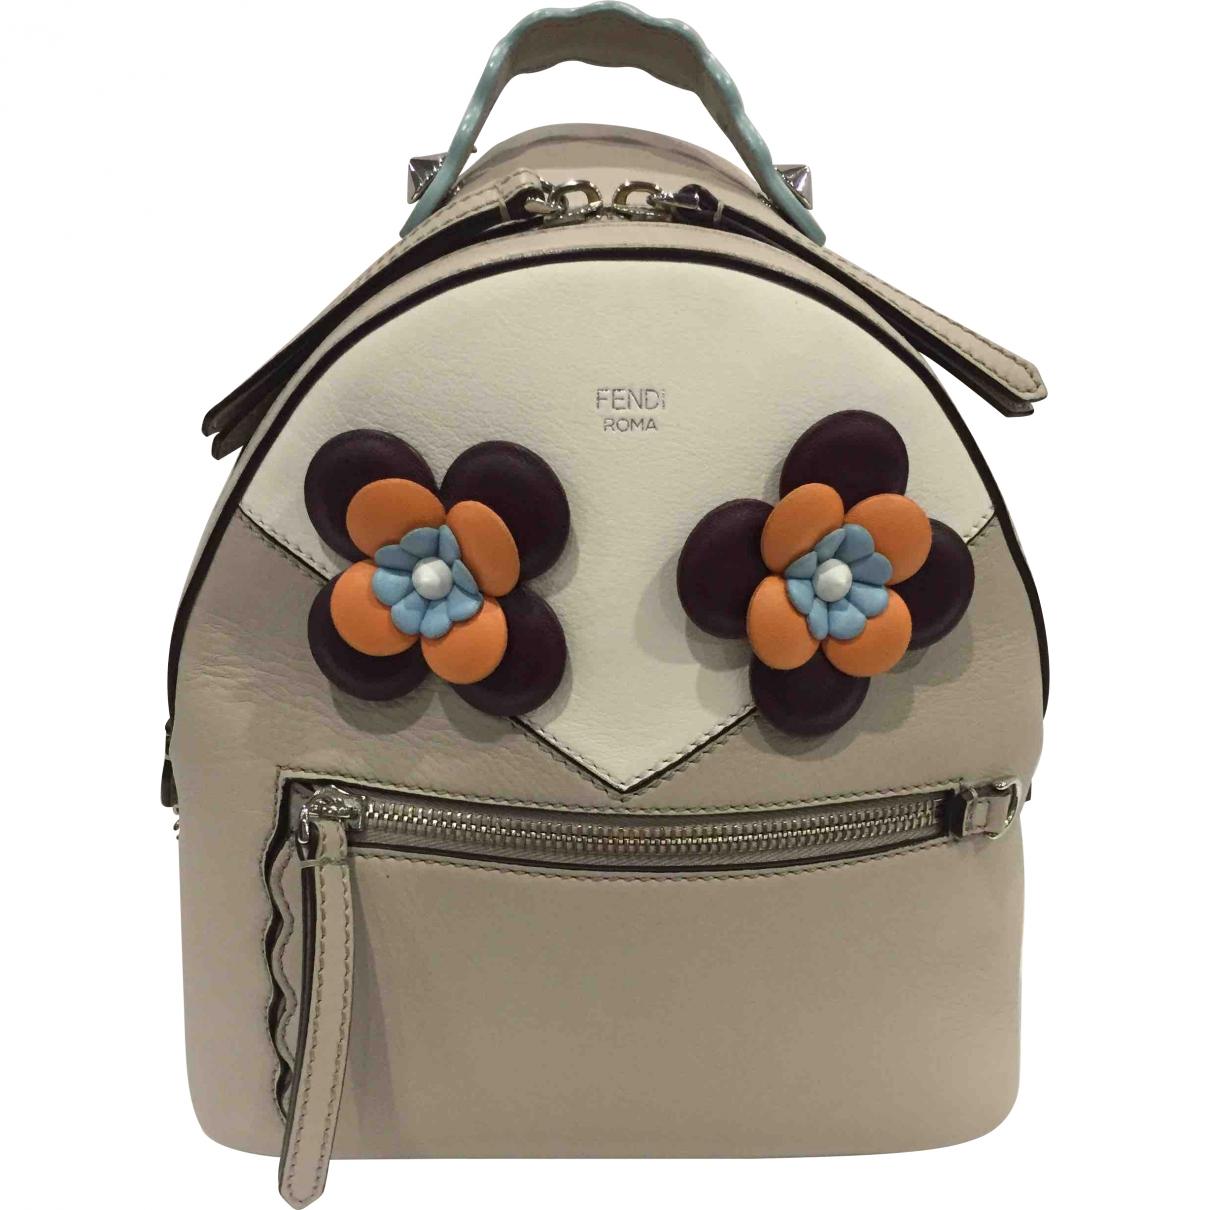 Fendi \N Beige Leather backpack for Women \N